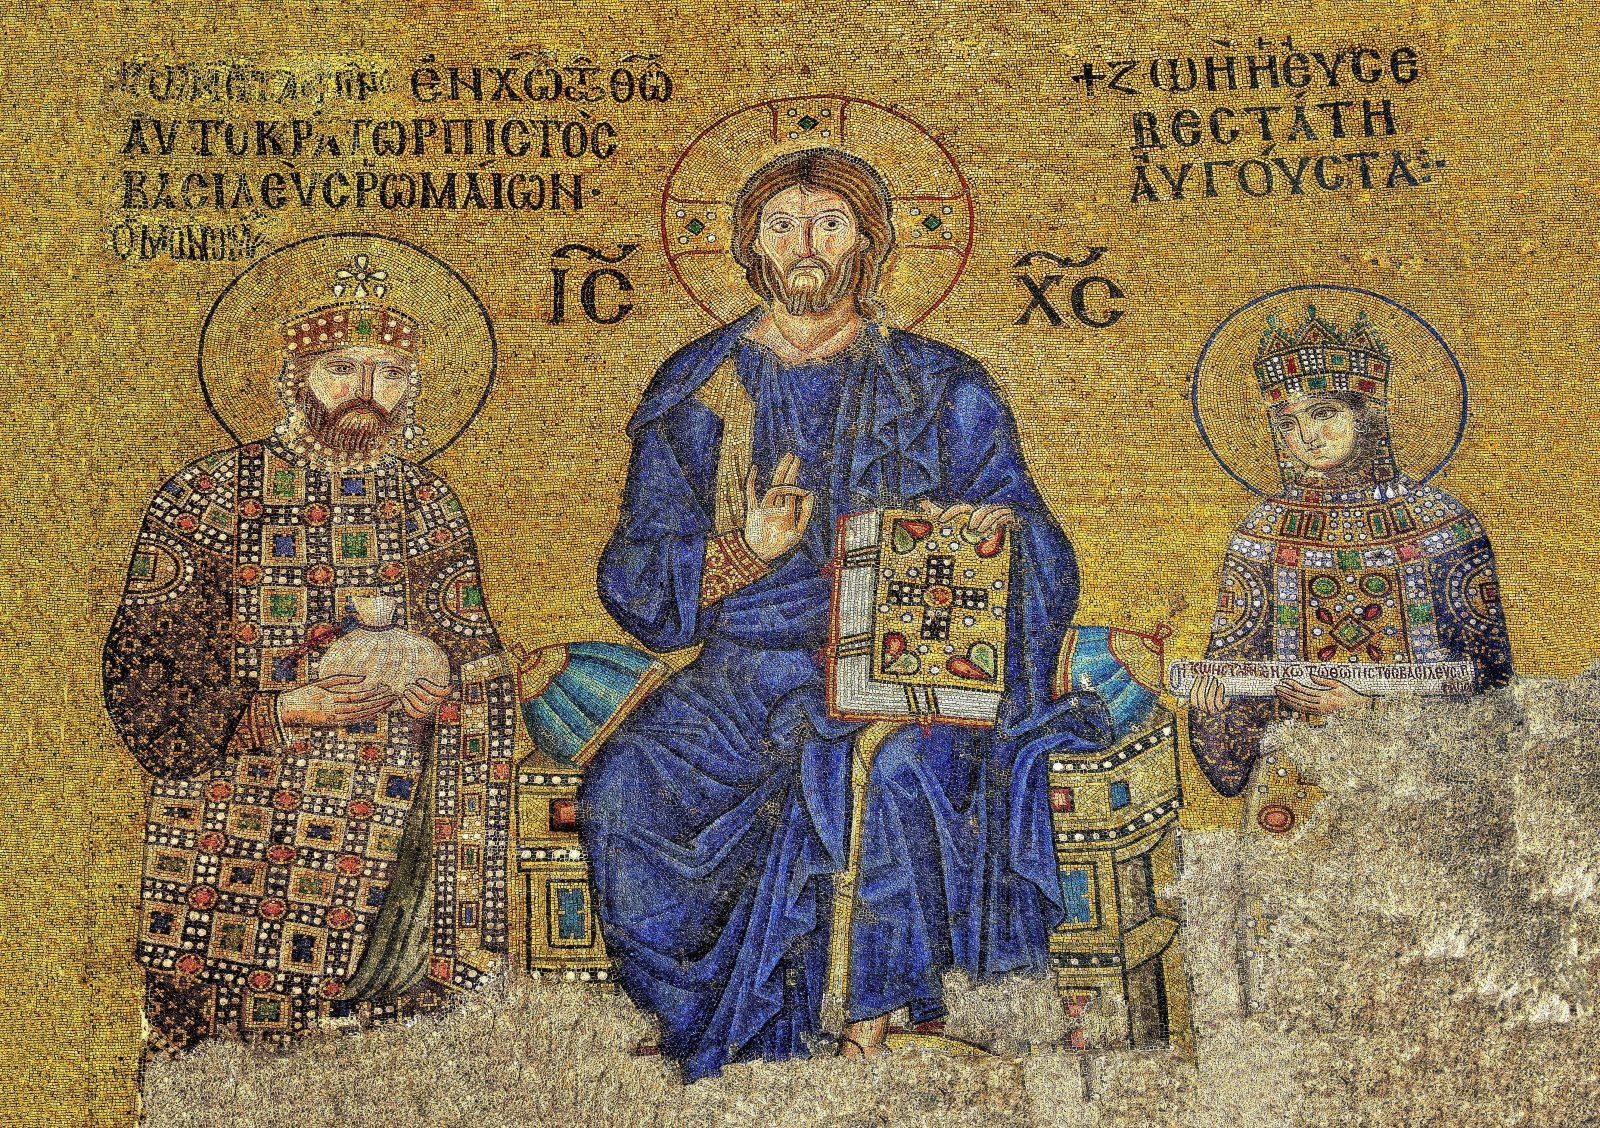 Das Mosaik aus der Hagia Sophia zeigt Kaiserin Zoe (r.) zusammen mit Christus (m.) und ihrem Mann, Kaiser Konstantin IX. (l.) Foto: picture alliance/imageBROKER